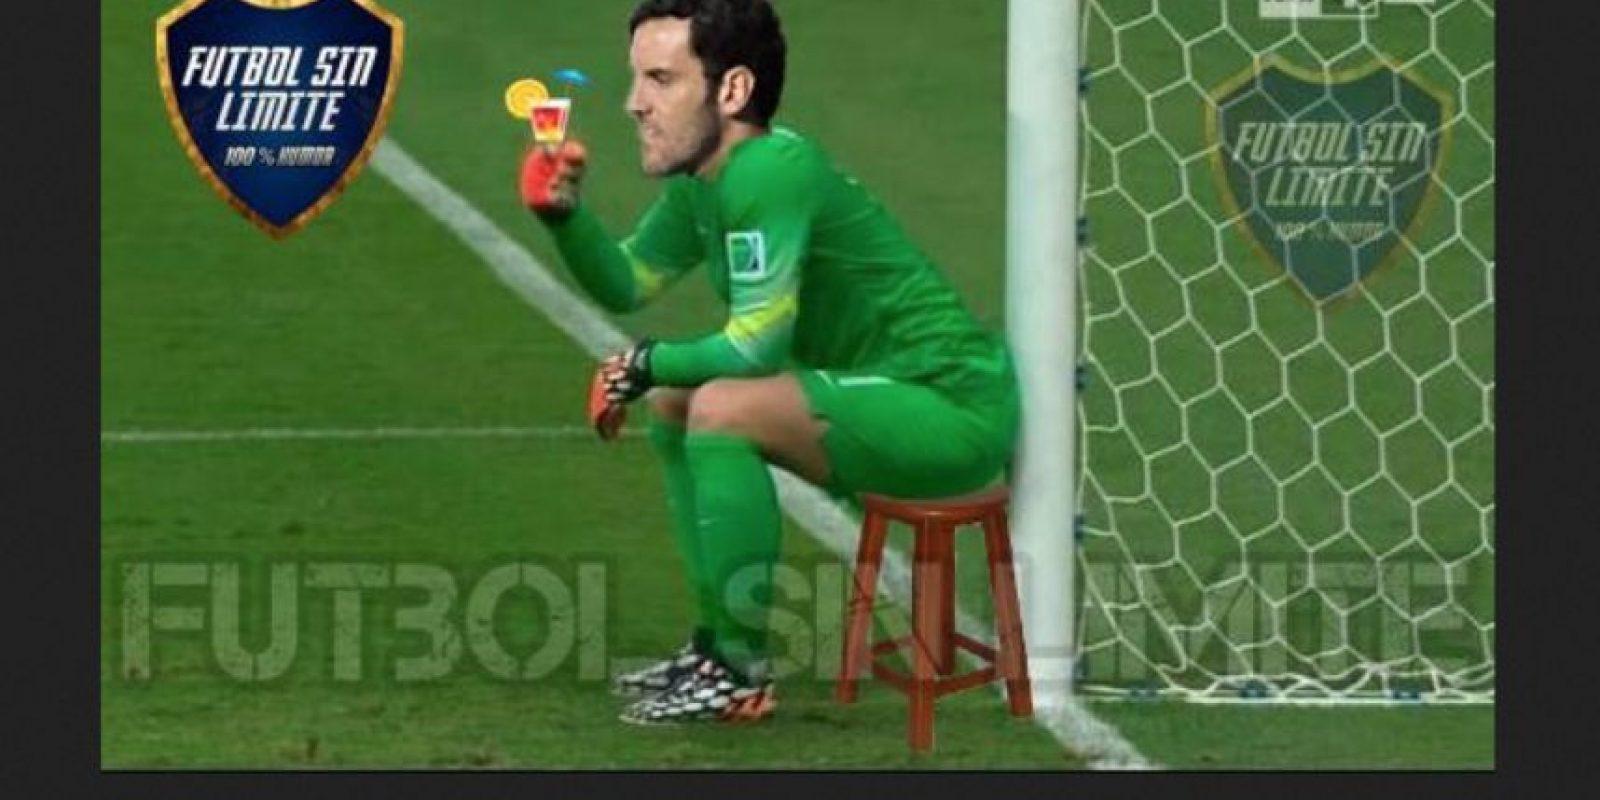 Foto:Captura de pantalla Facebook' Fútbol Sin Límite'.